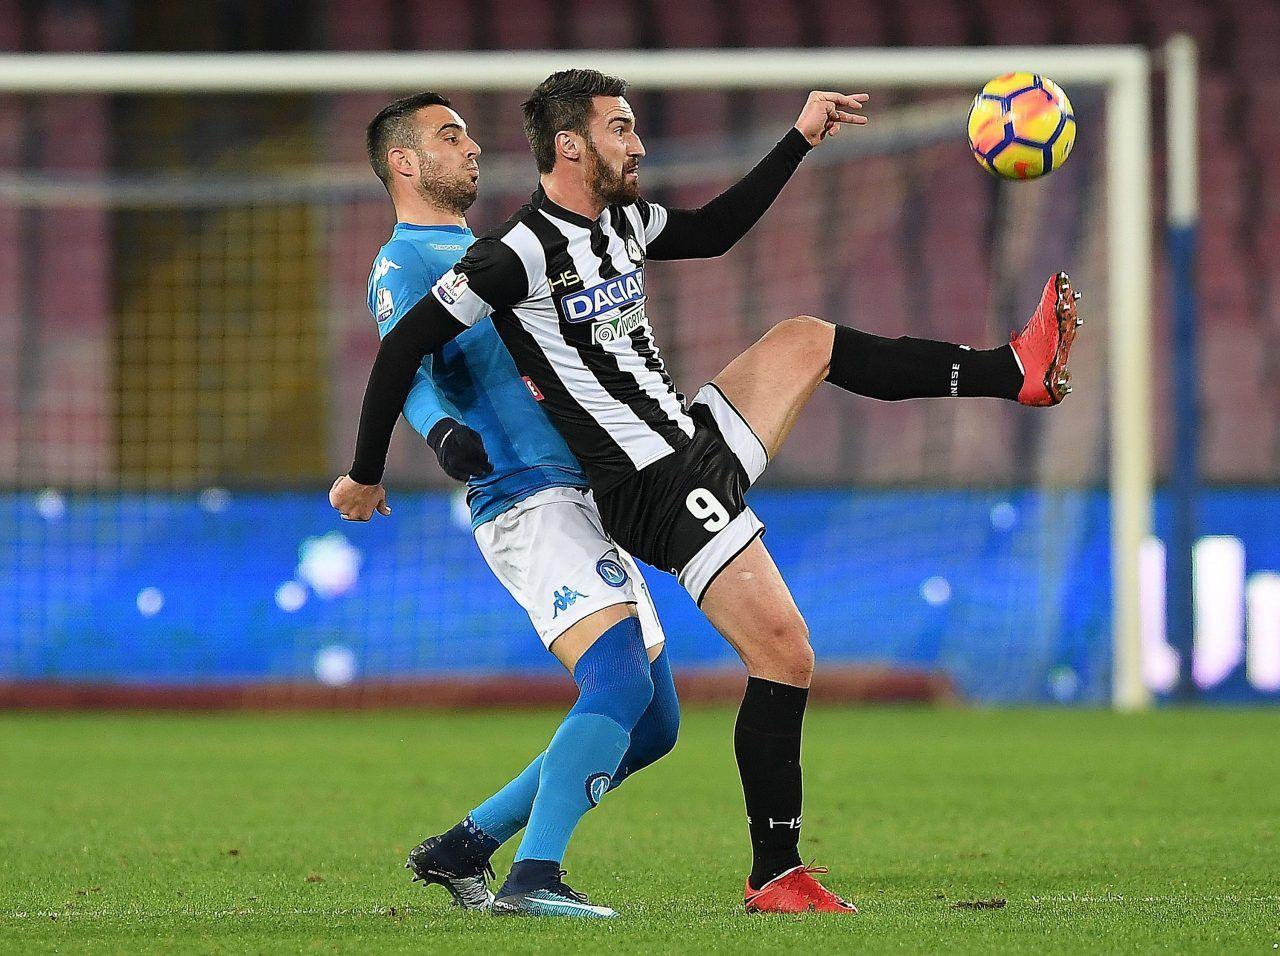 Calciomercato Ascoli, Bajic dirà addio